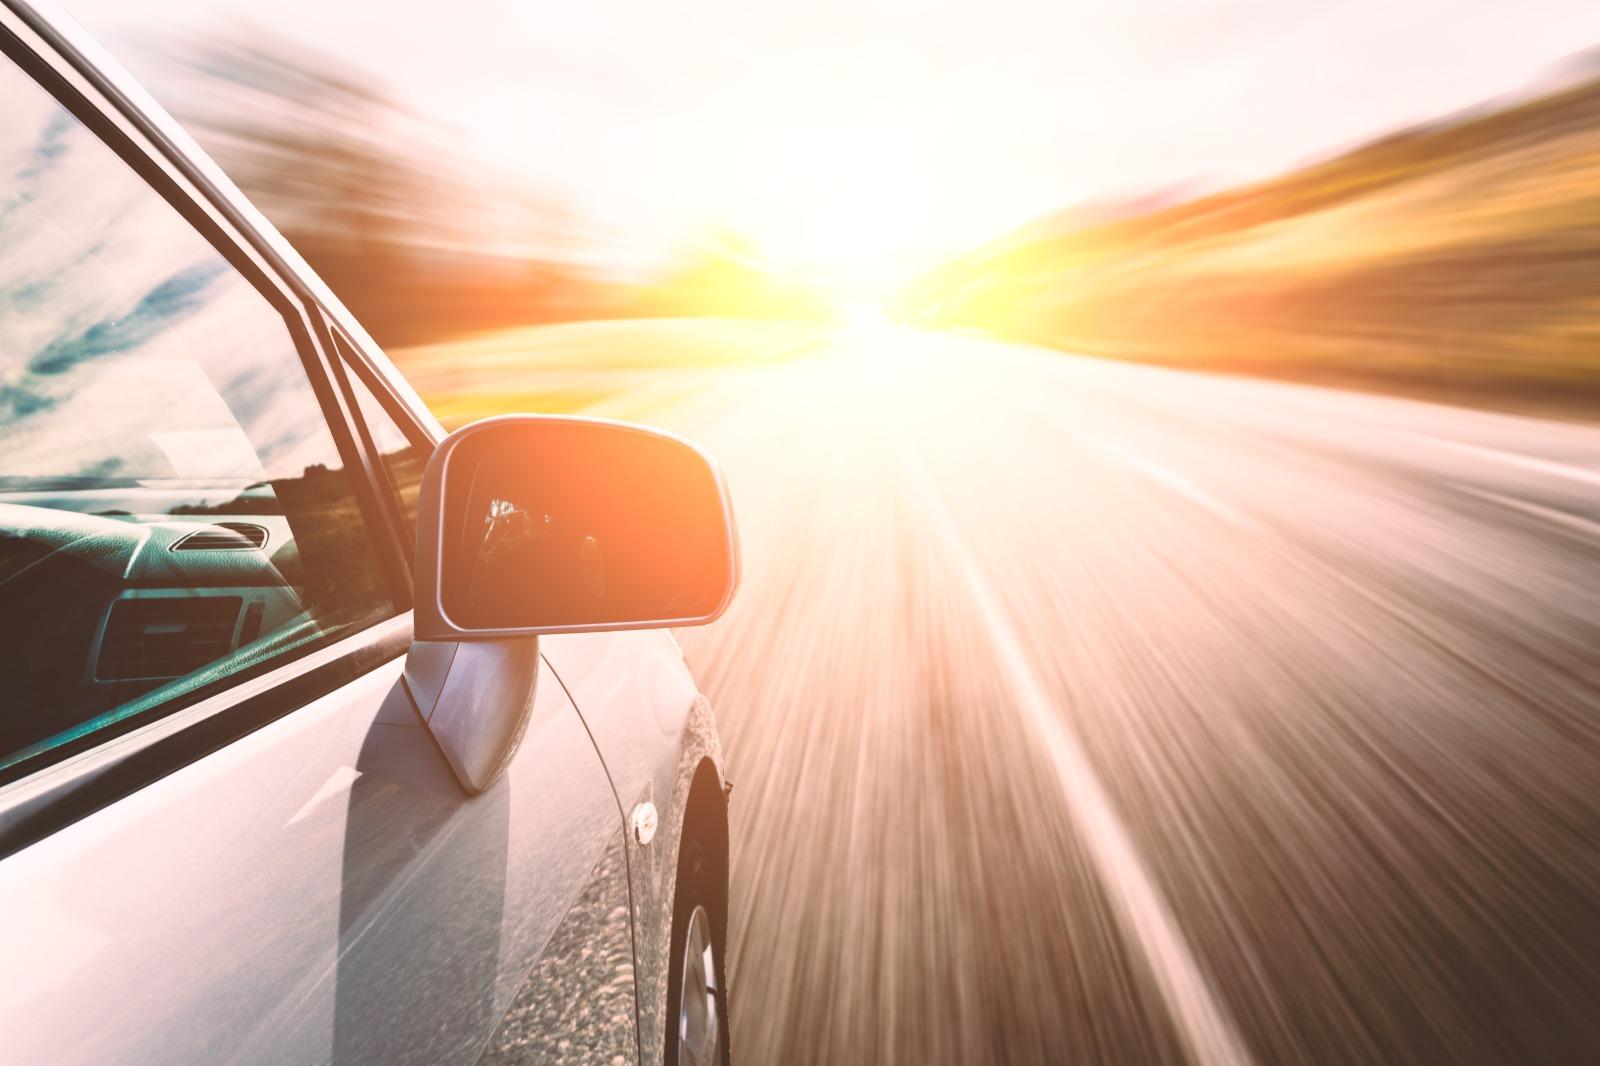 Algunos consejos para evitar cegueras inesperadas durante la conducción